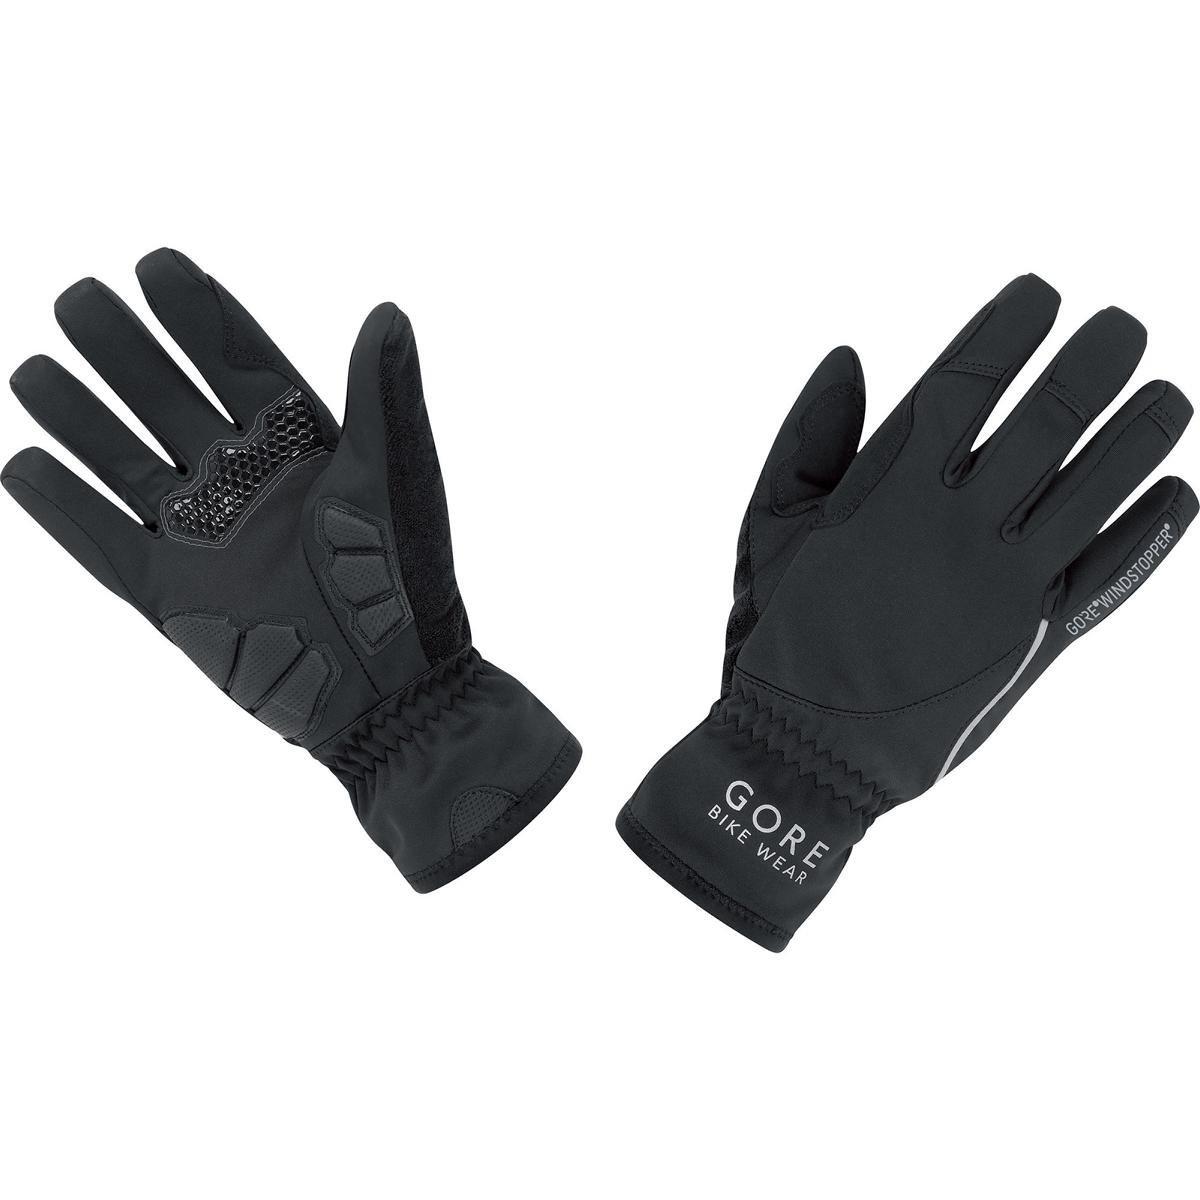 GORE BIKE WEAR Women's Power Lady Windstopper Gloves, Black, Medium